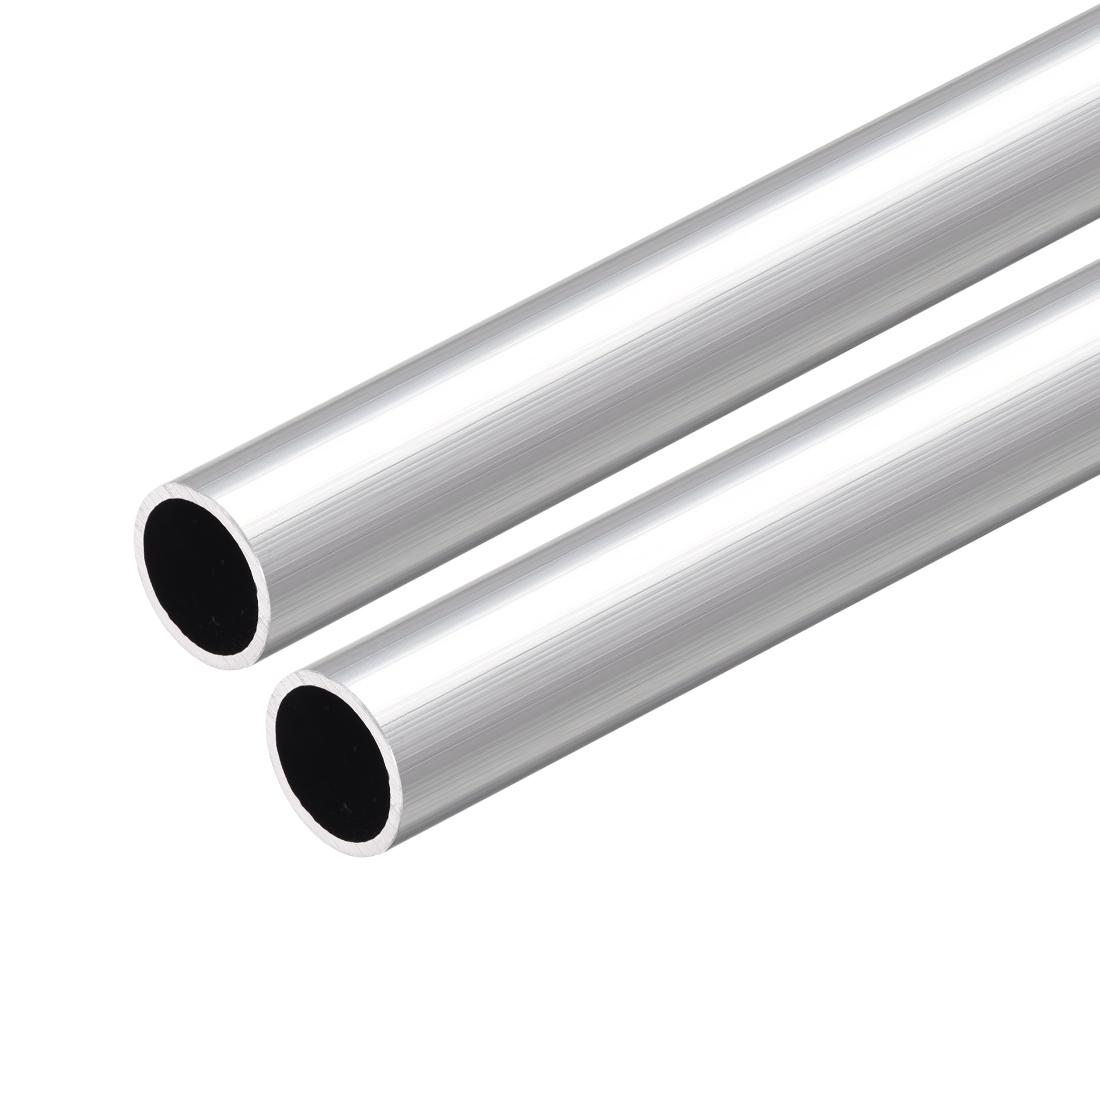 6063 Aluminum Round Tube 300mm Length 14mm OD 12mm Inner Dia Seamless Tube 2 Pcs